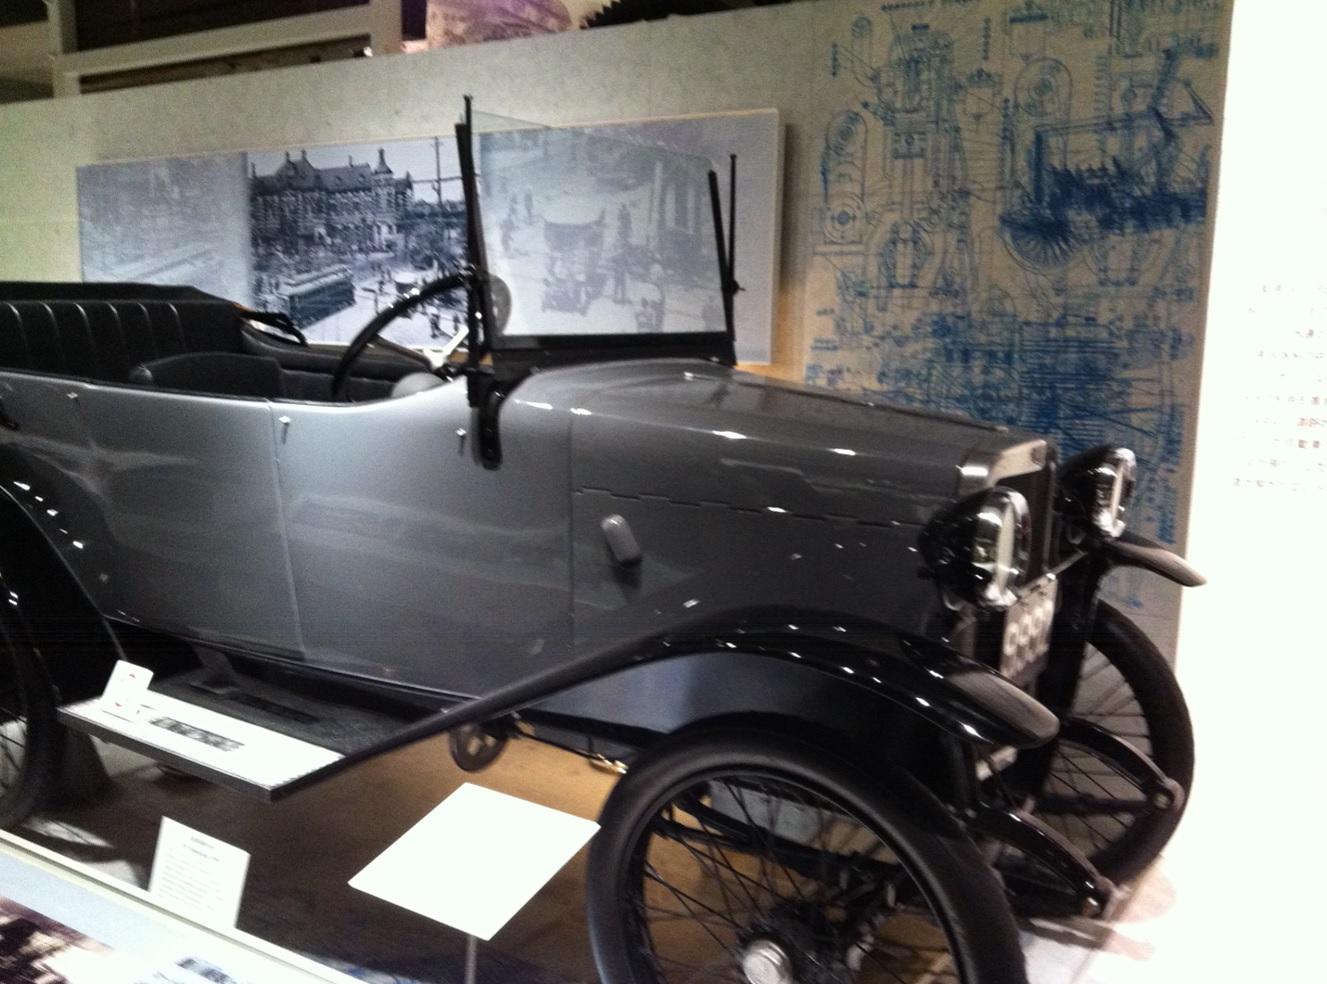 国立科学博物館のクラシックカー展示物の画像